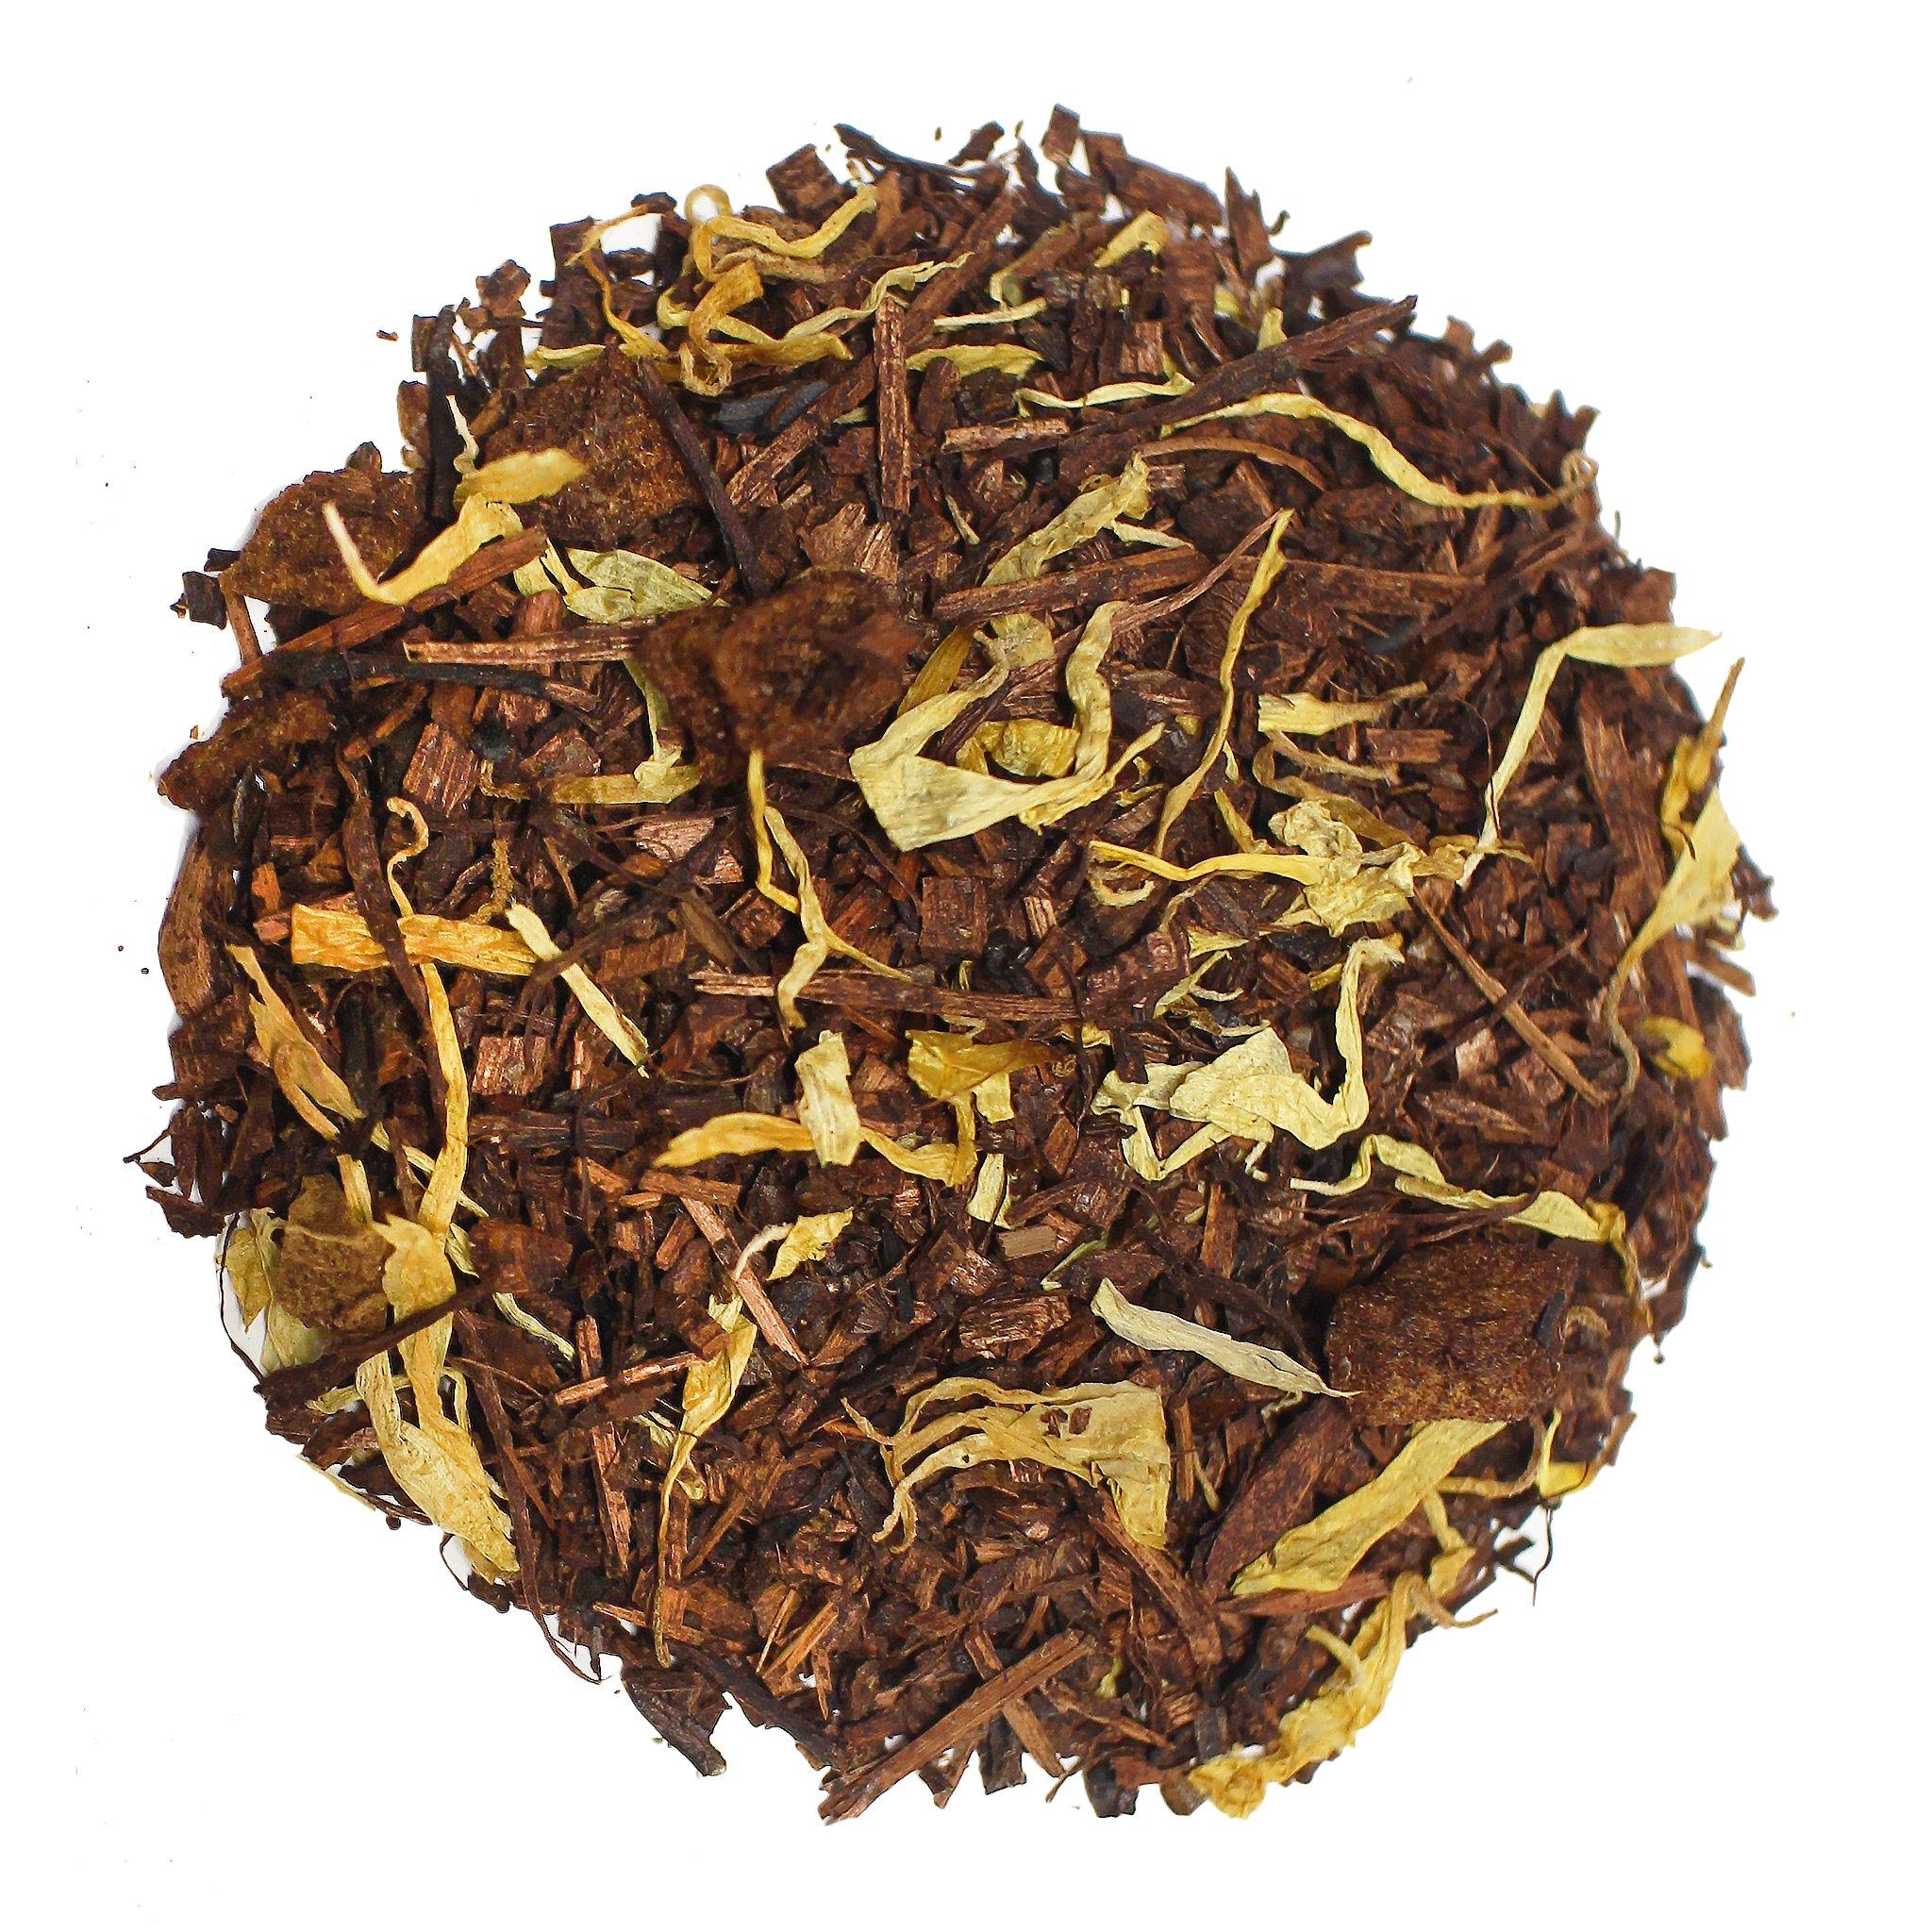 The Tea Farm - Apricot Honeybush Rooibos Herbal Tea - African Loose Herbal Tea (16 Ounce Bag) by The Tea Farm